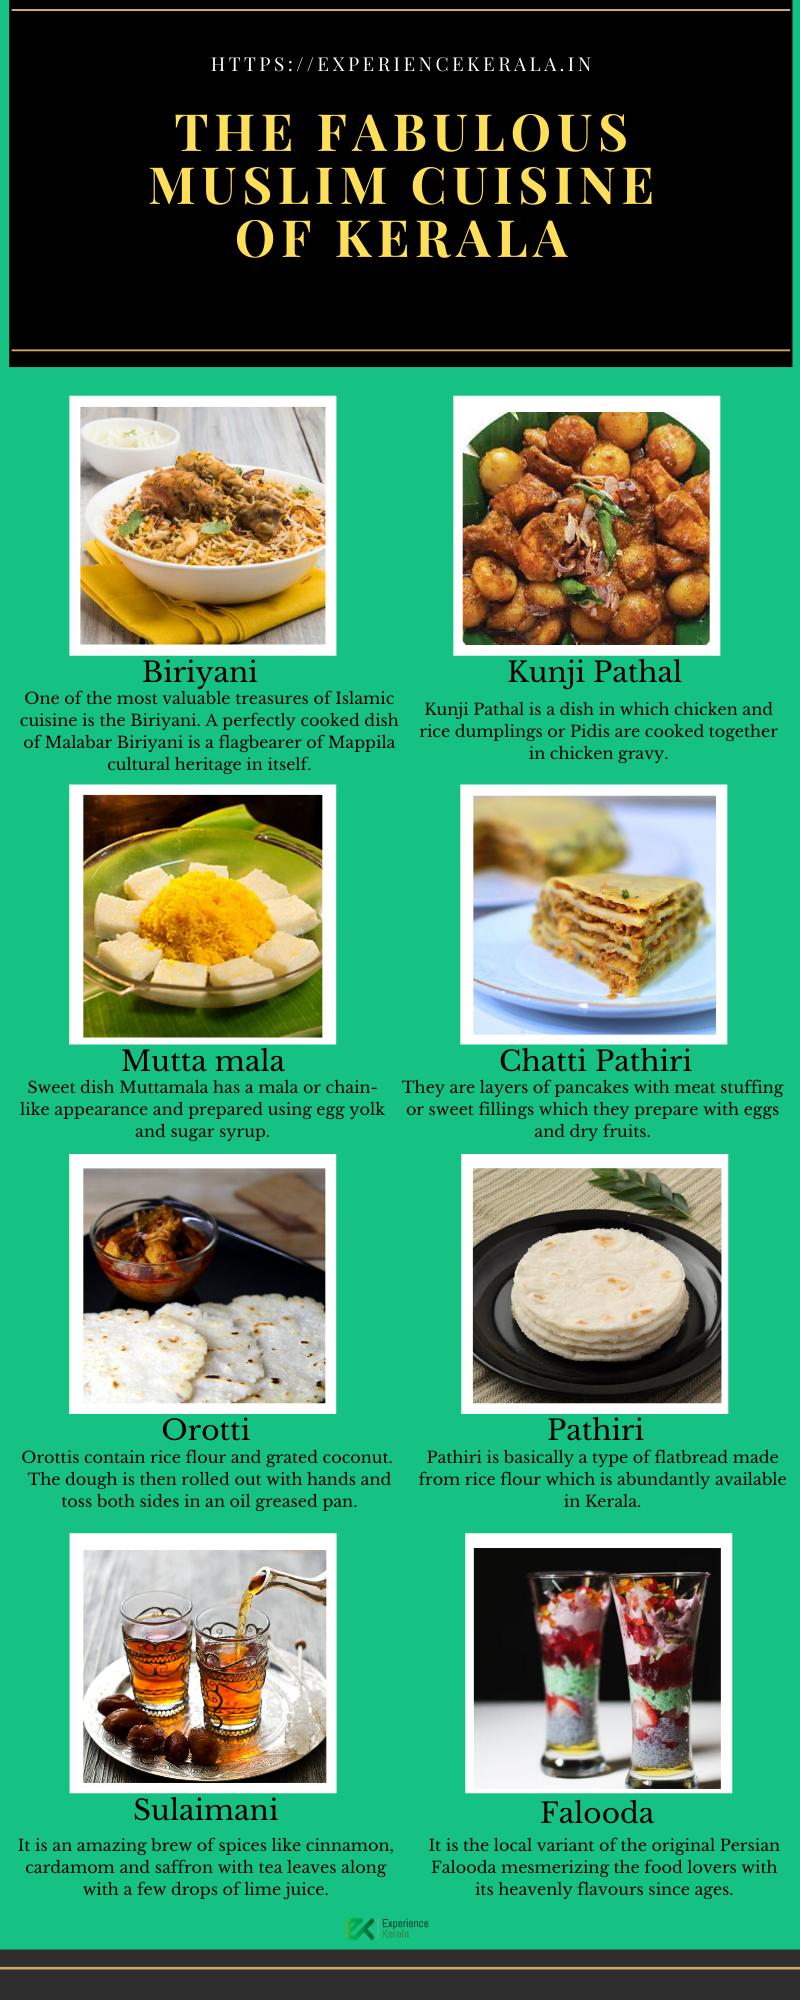 Muslim Cuisines of Kerala